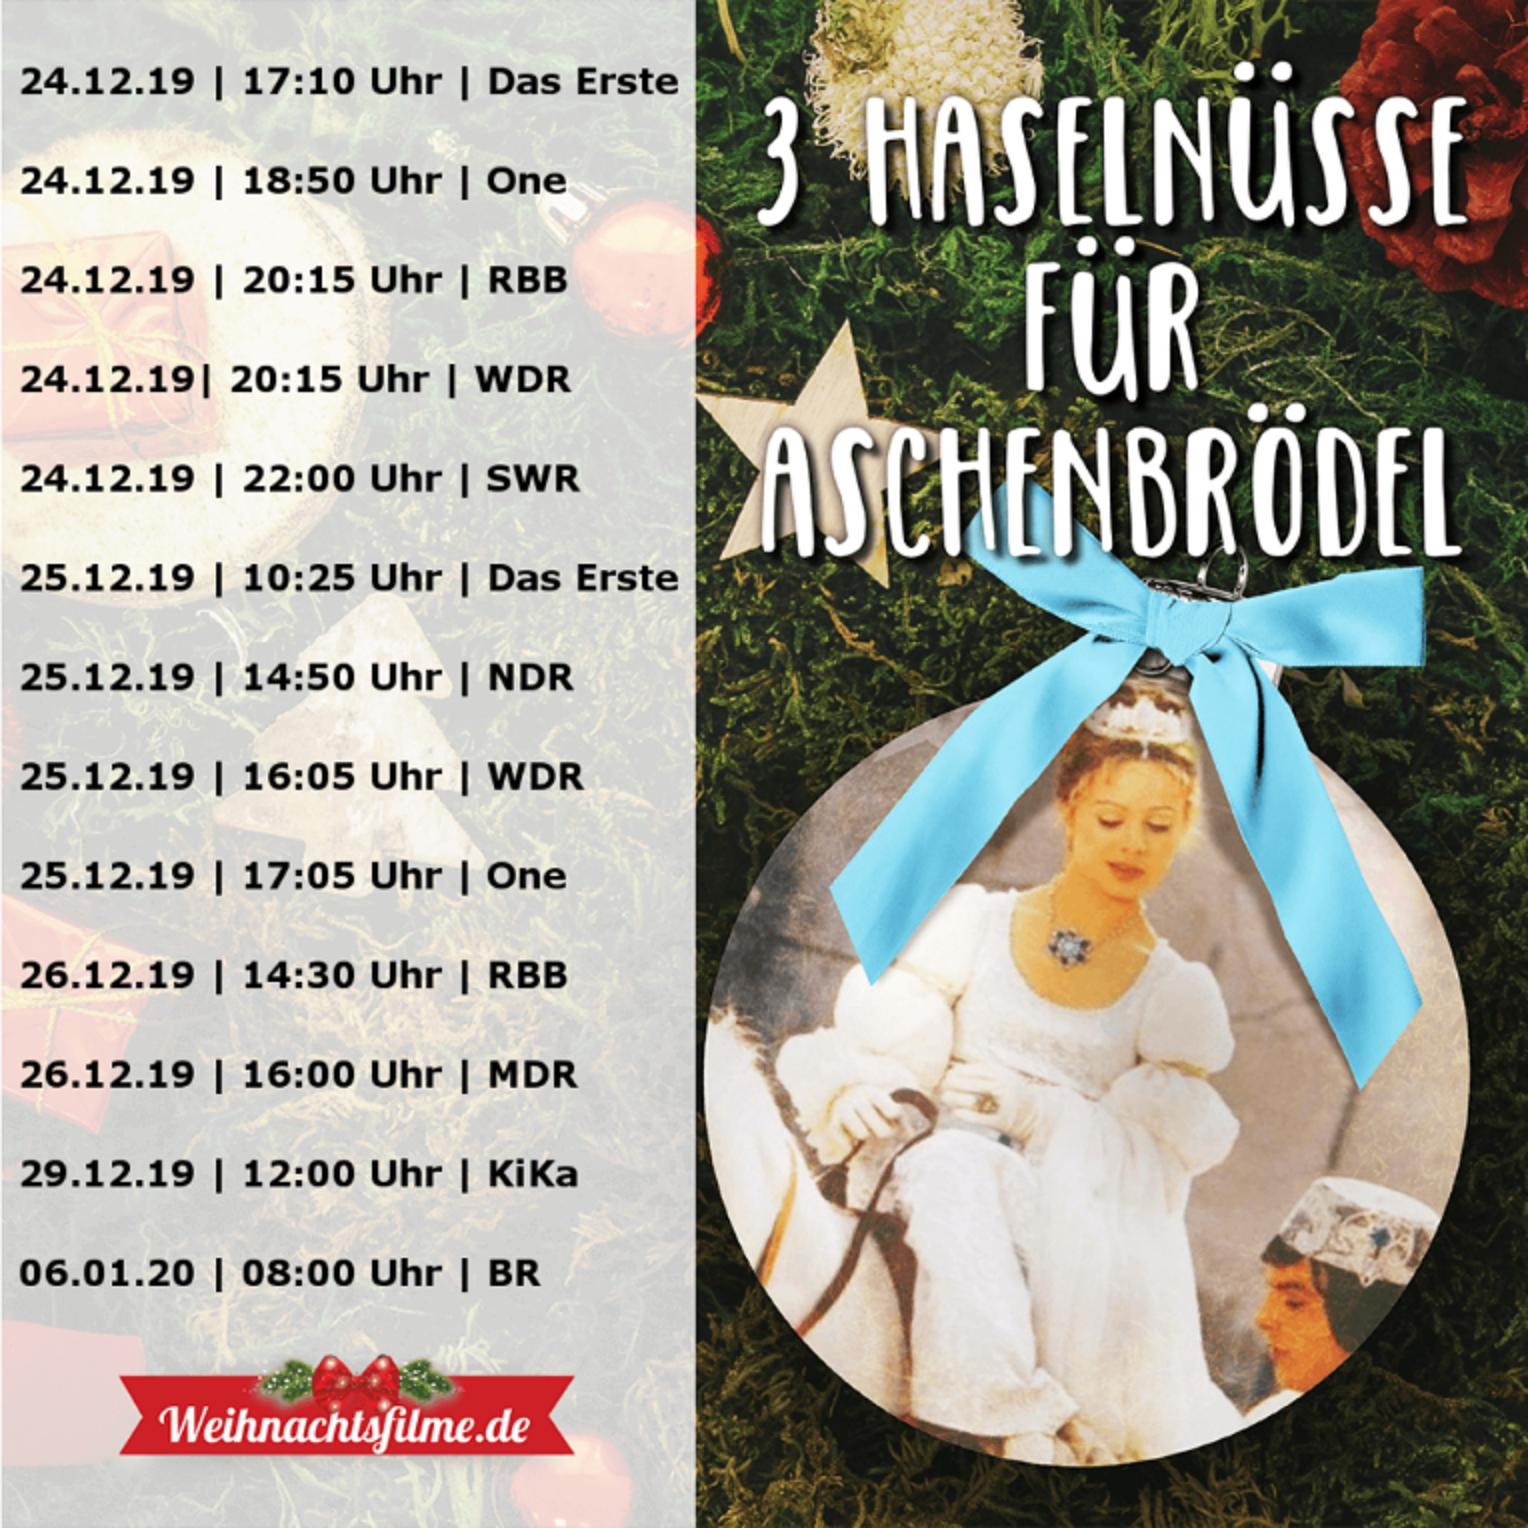 The 2019 programming schedule for Drei Haselnüsse für Aschenbrödel